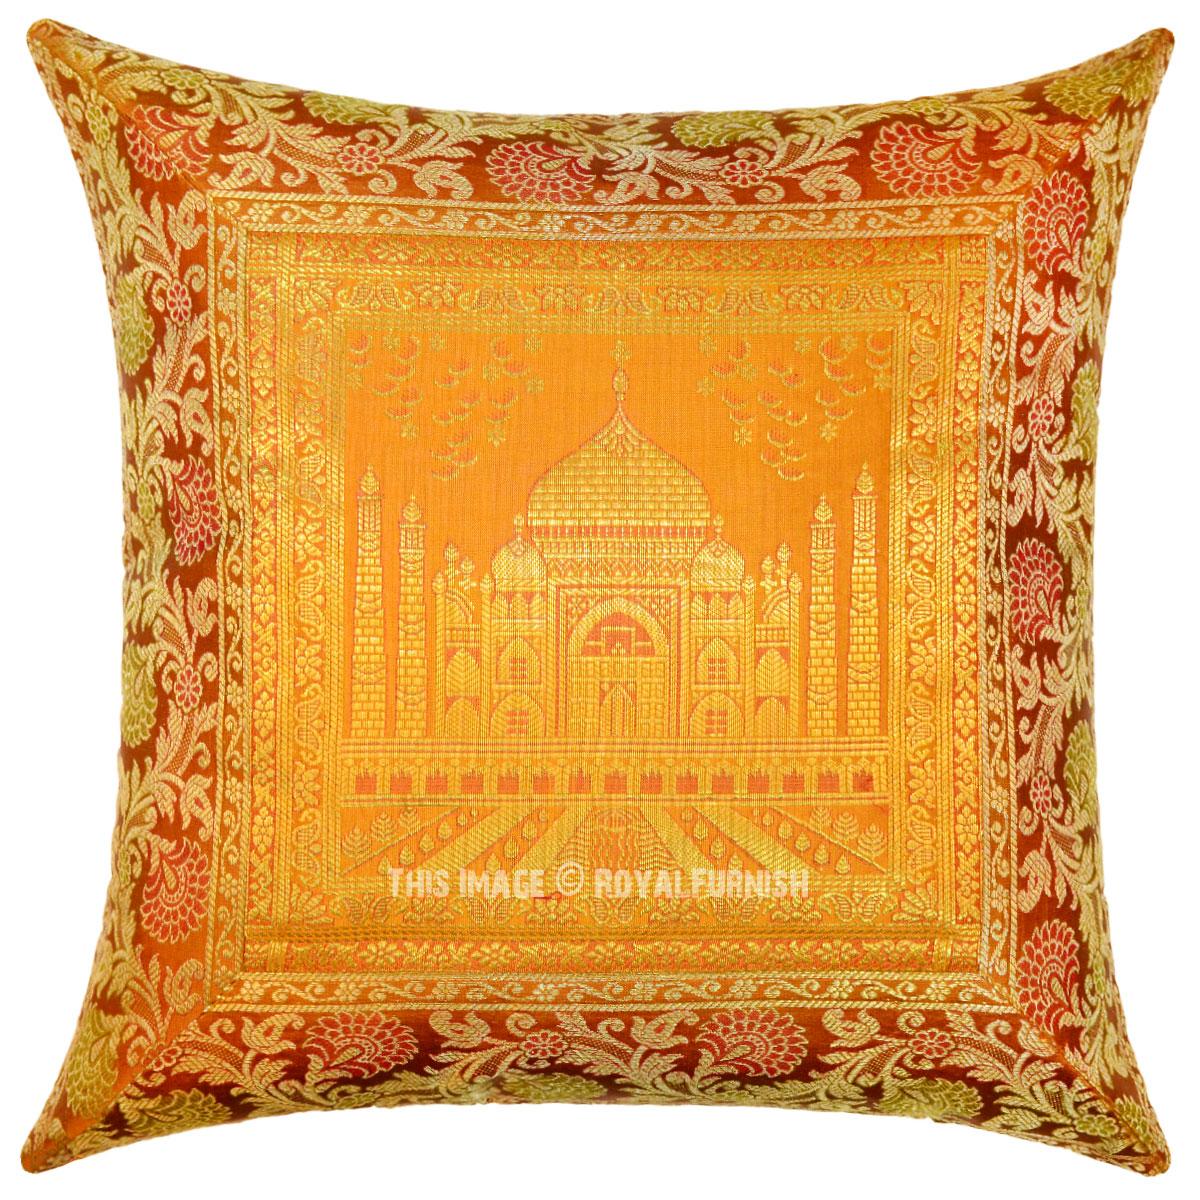 Gold Silk Decorative Pillow : Gold Color Decorative & Boho Accent Tajmahal Silk Throw Pillow Cover 16X16 - RoyalFurnish.com